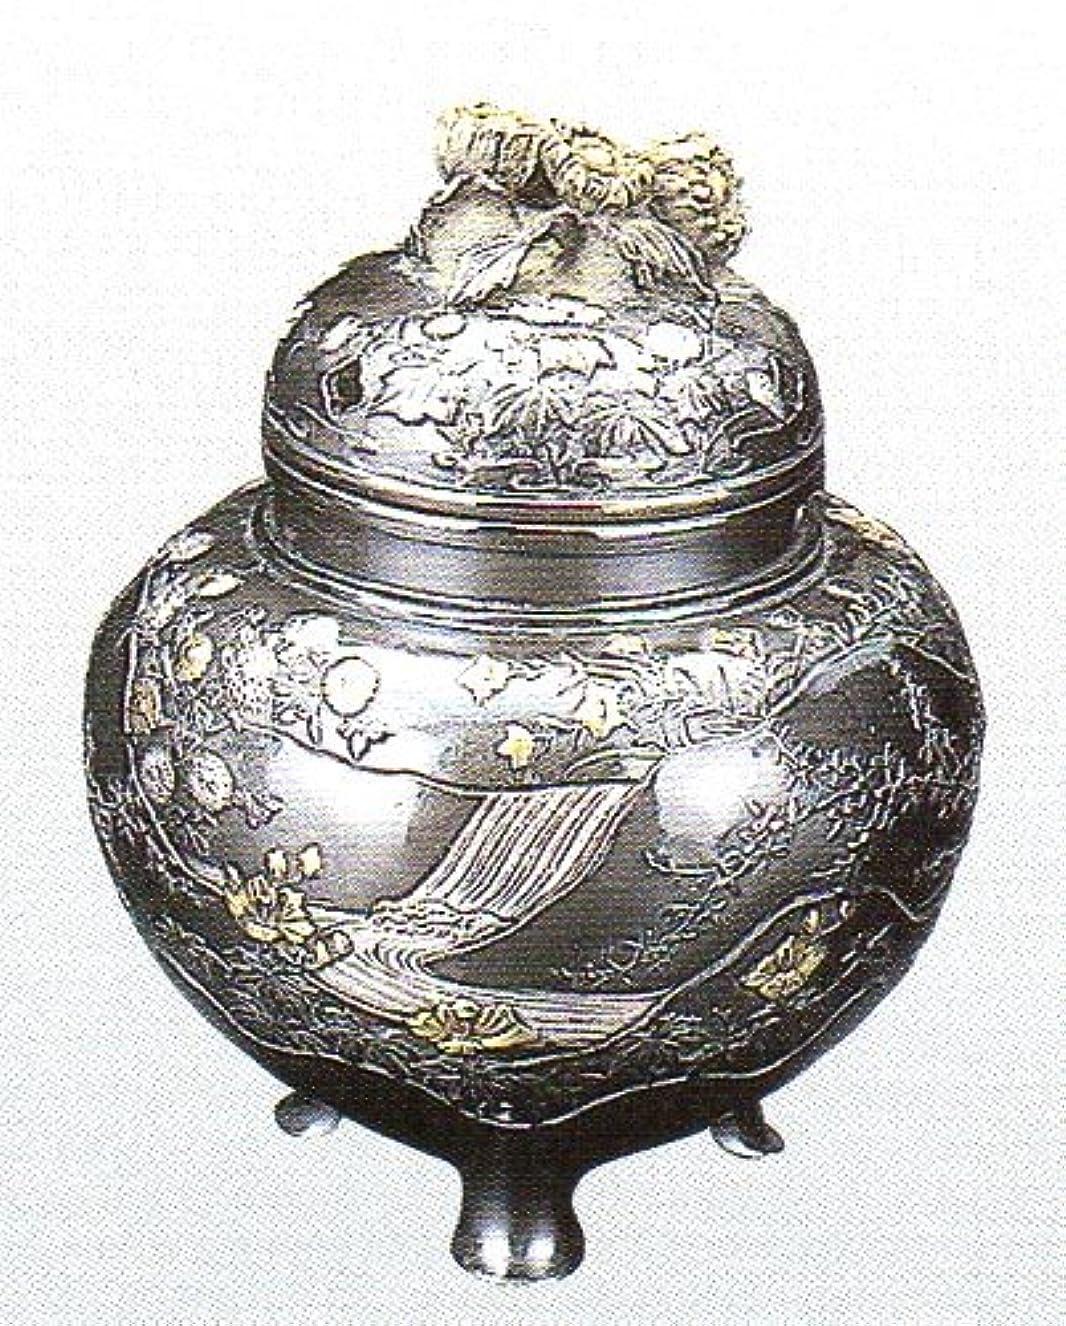 必要としている老朽化したオペレーター香炉 四季 蝋型青銅製 桐箱入 高さ10.2×幅9.2×奥行9.2cm